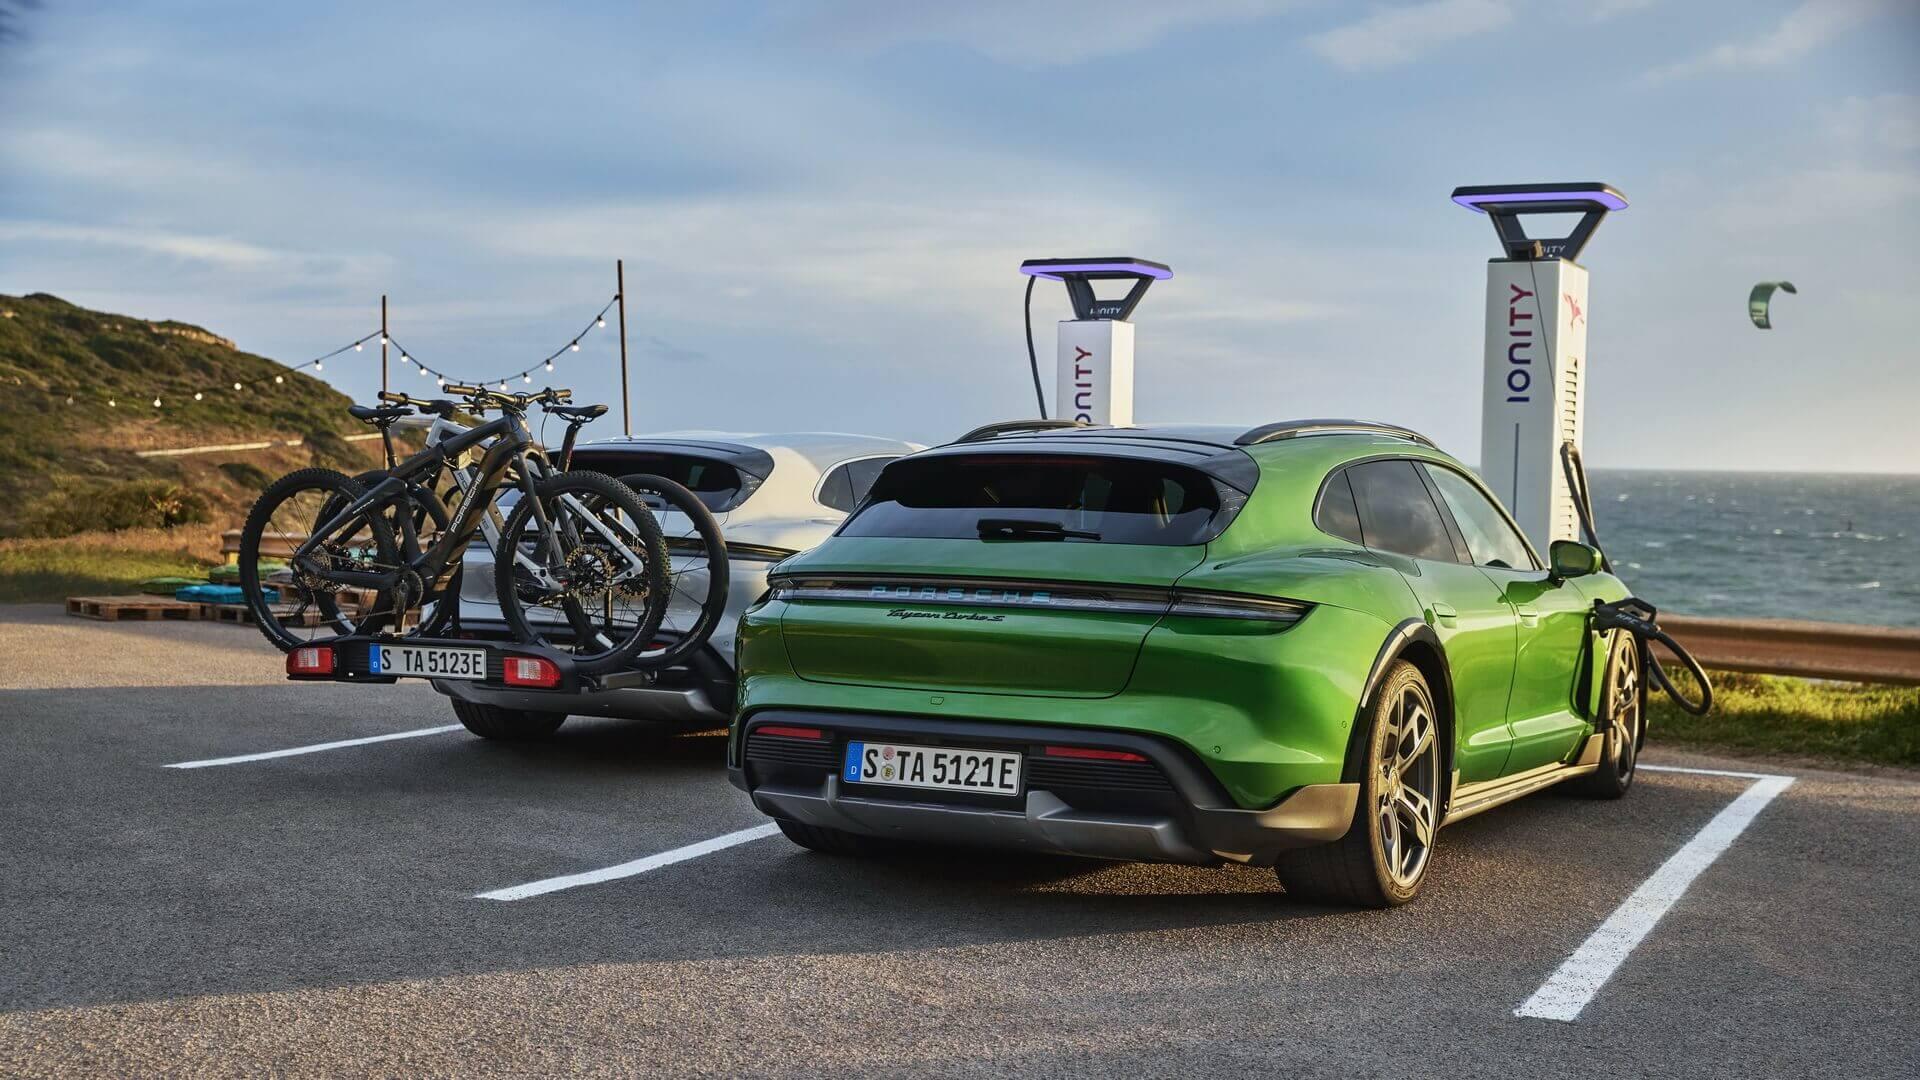 Спеціально для Taycan Cross Turismo Porsche розробила заднє кріплення для 3 велосипедів